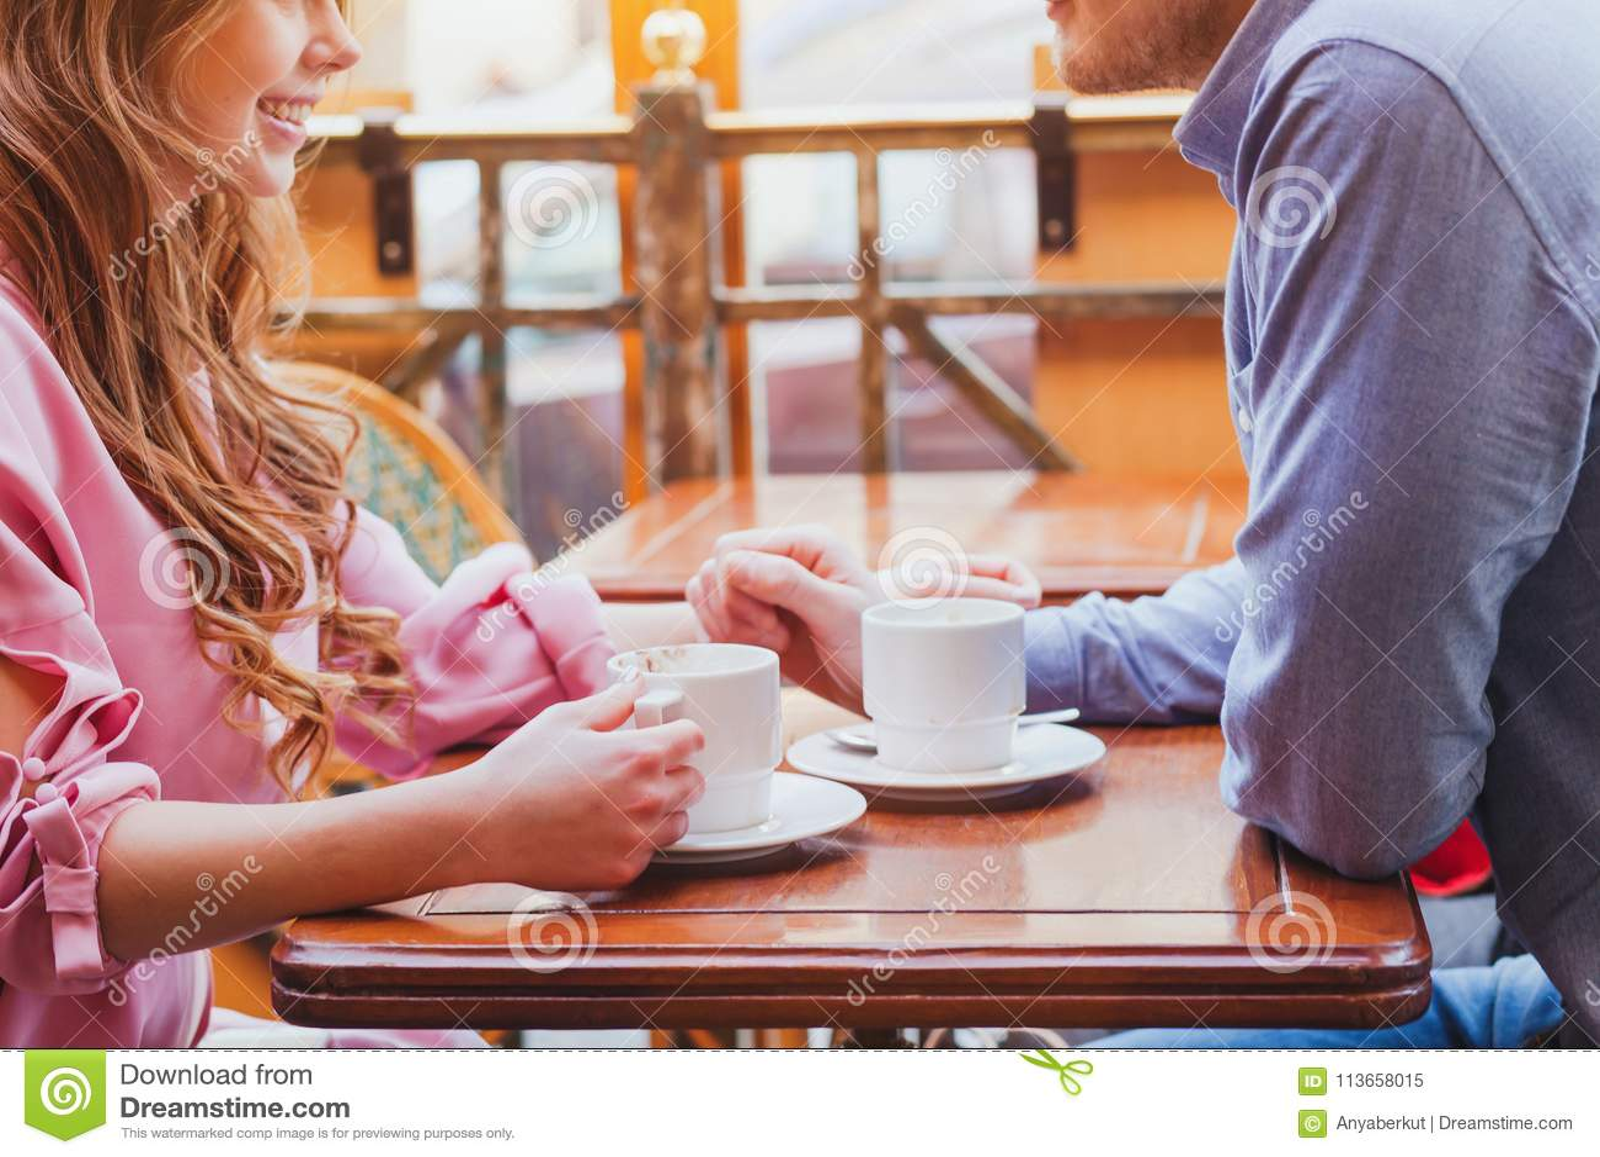 online dating philadelphia